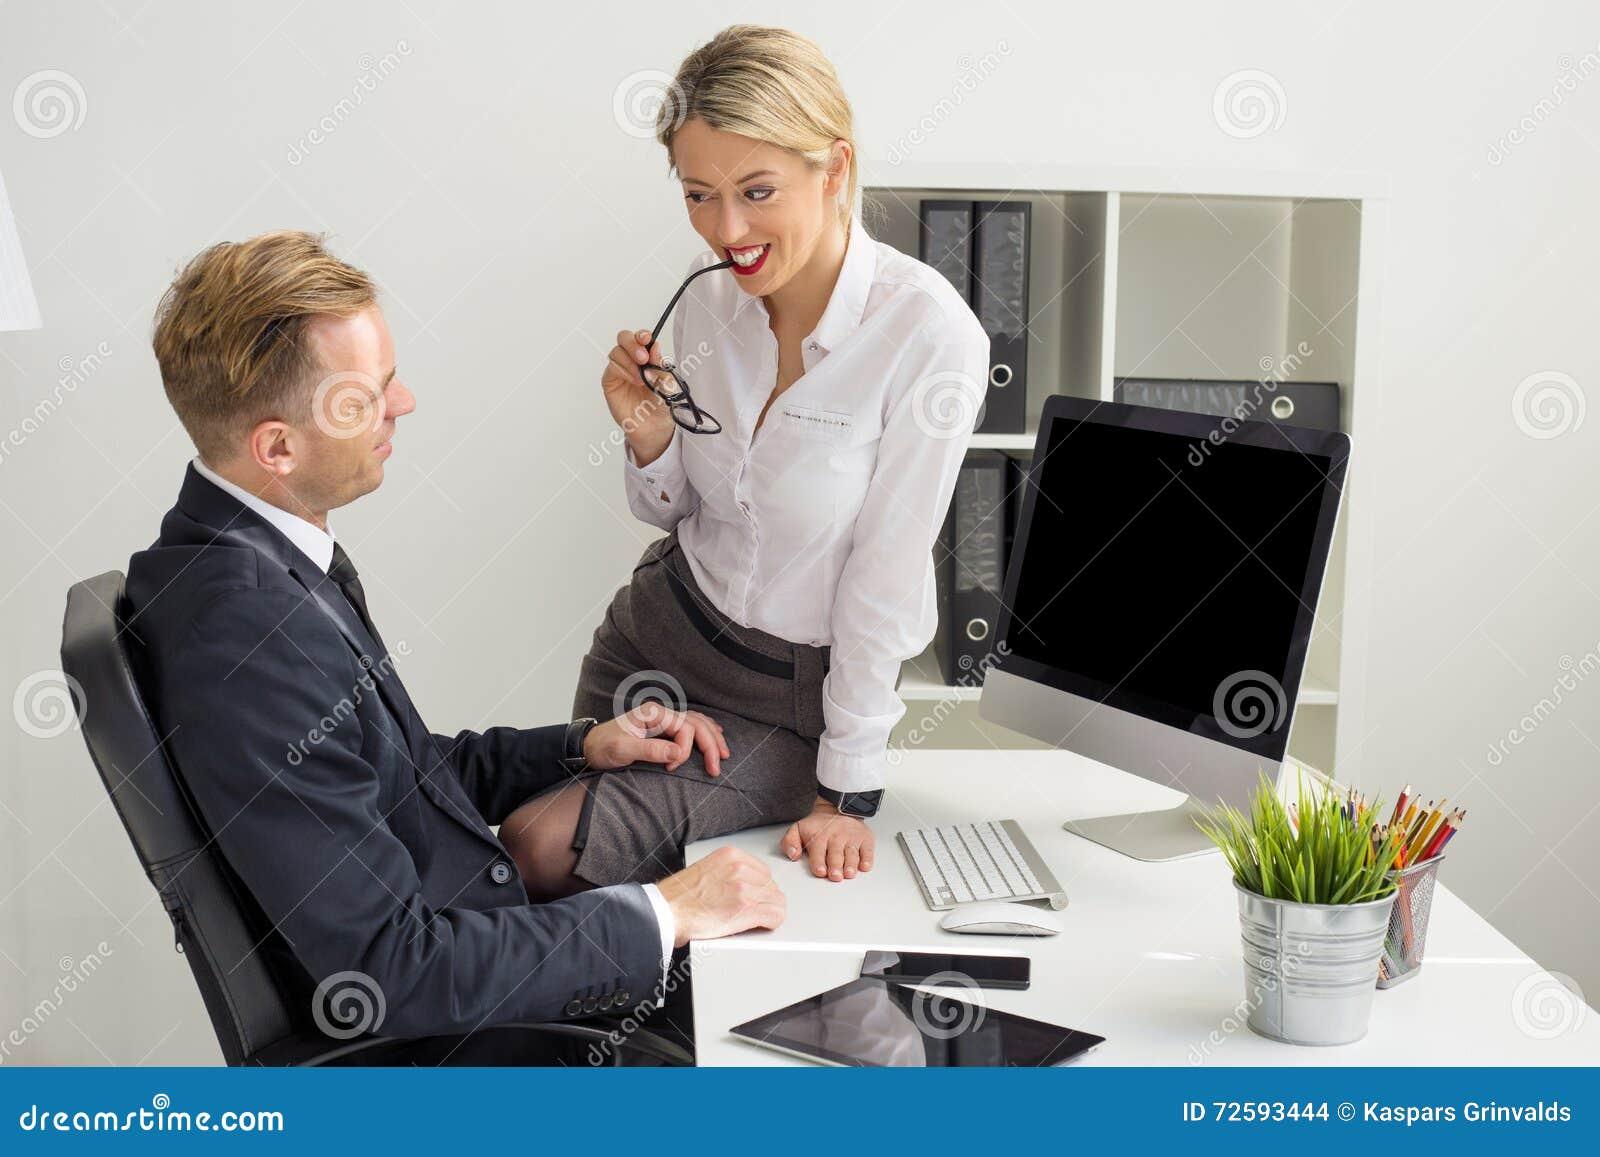 Sekretärin Mit Ihrem Chef Auf Der Toilette